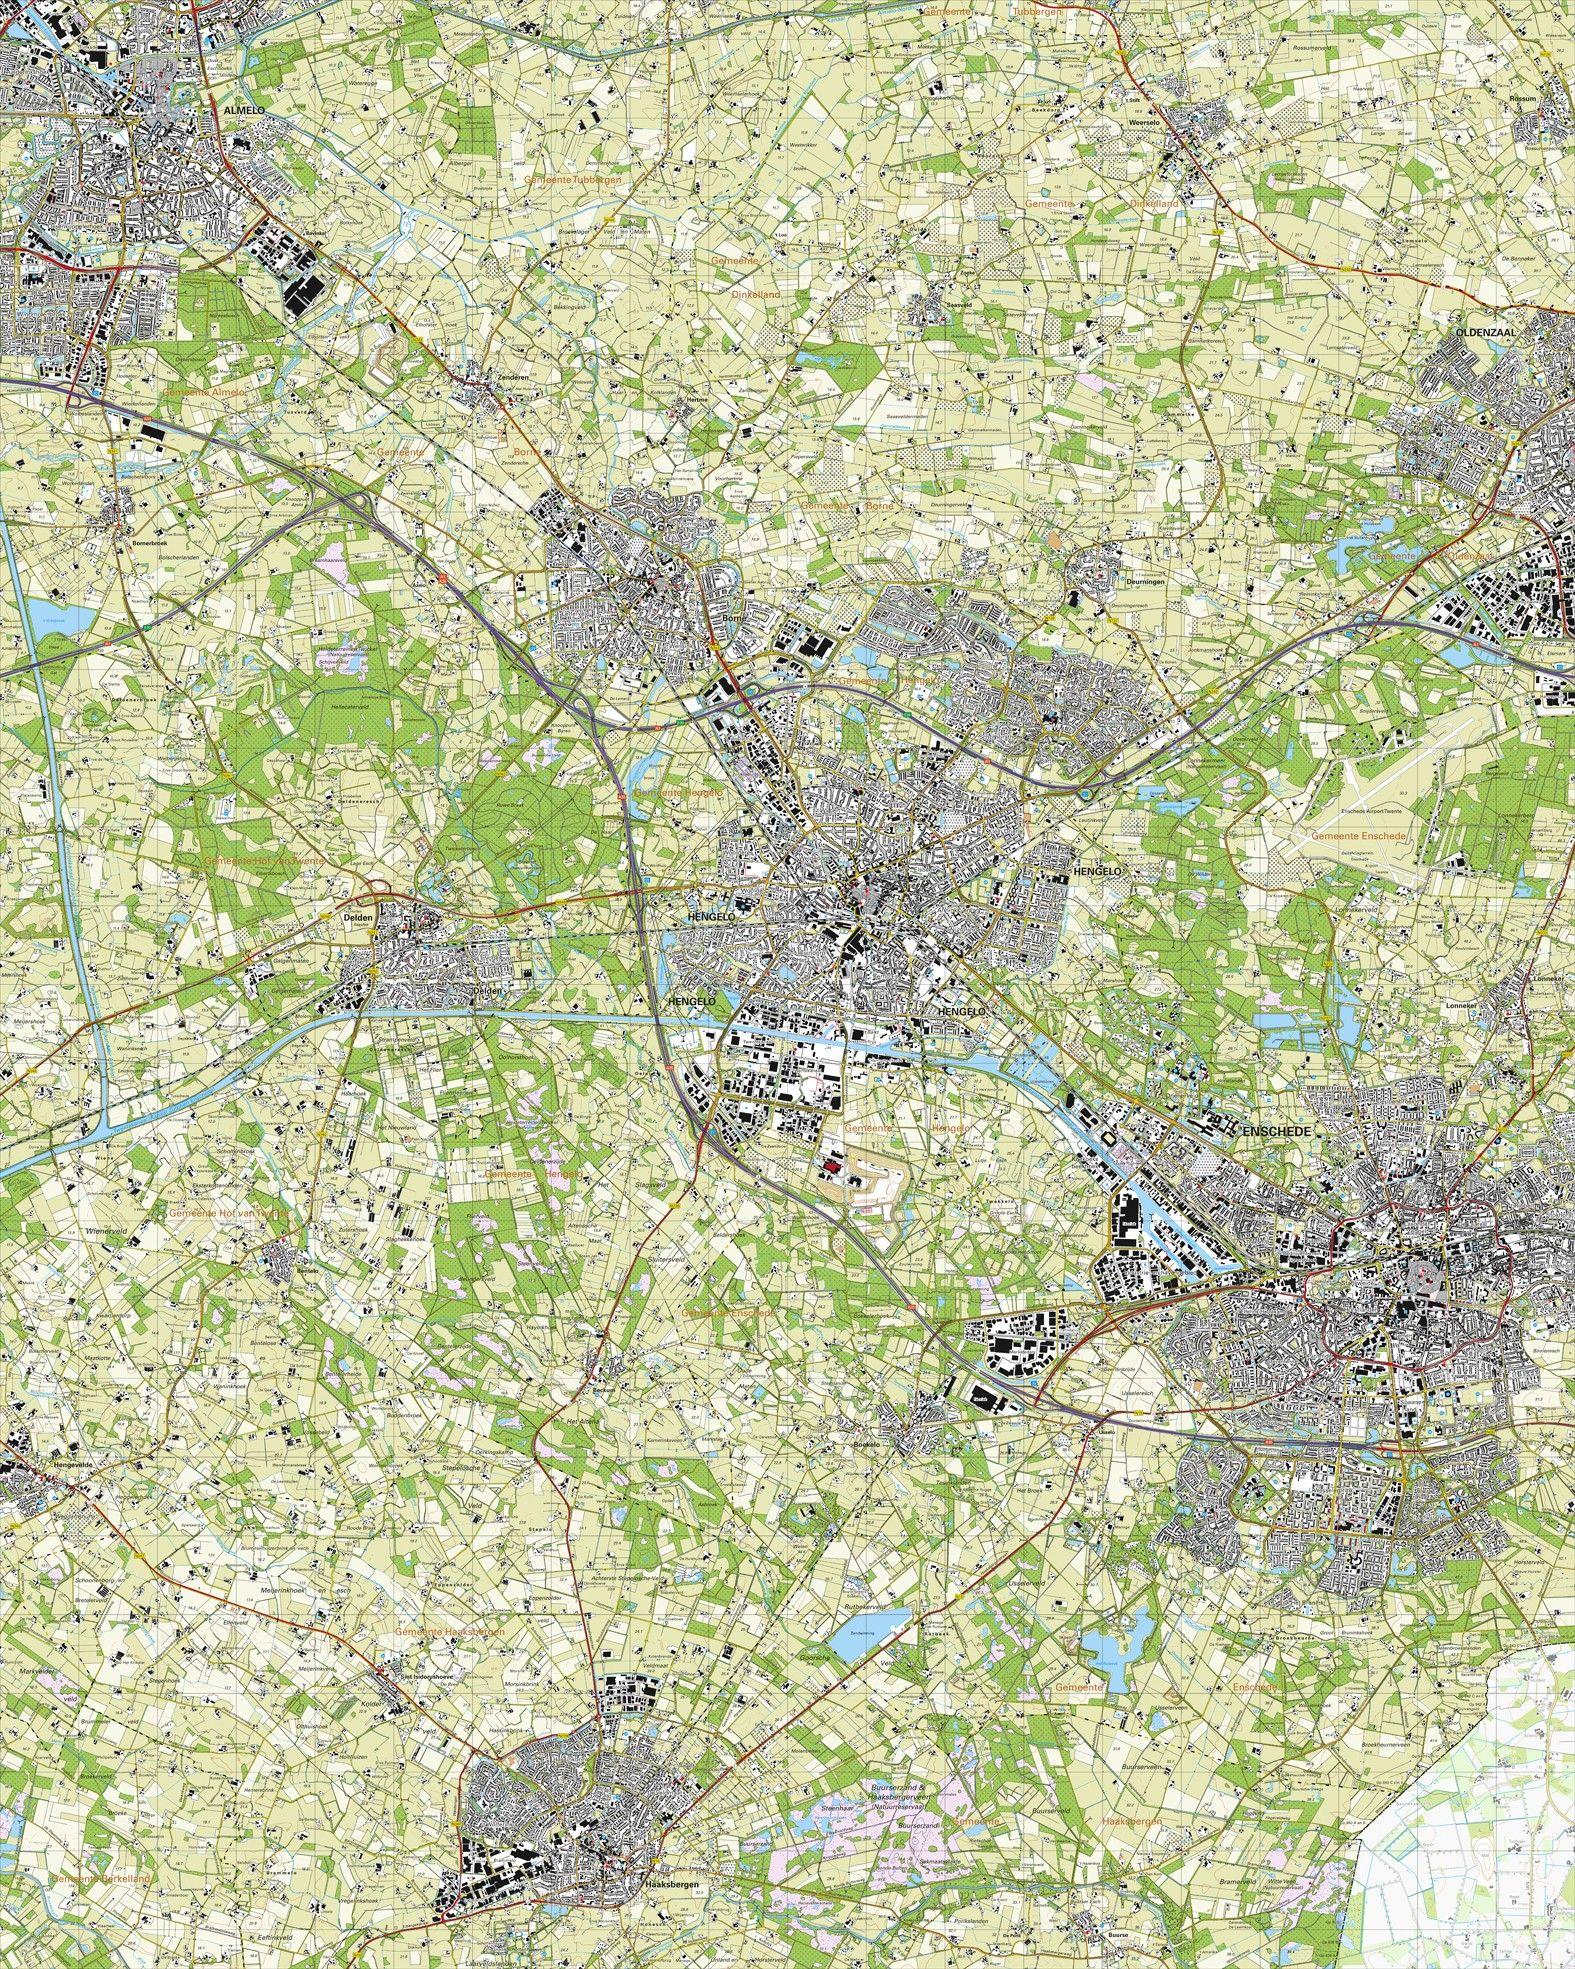 Topografische kaart schaal 1:25.000 (Almelo, Hengelo, Borne, Oldenzaal, Enschede, Haaksbergen)